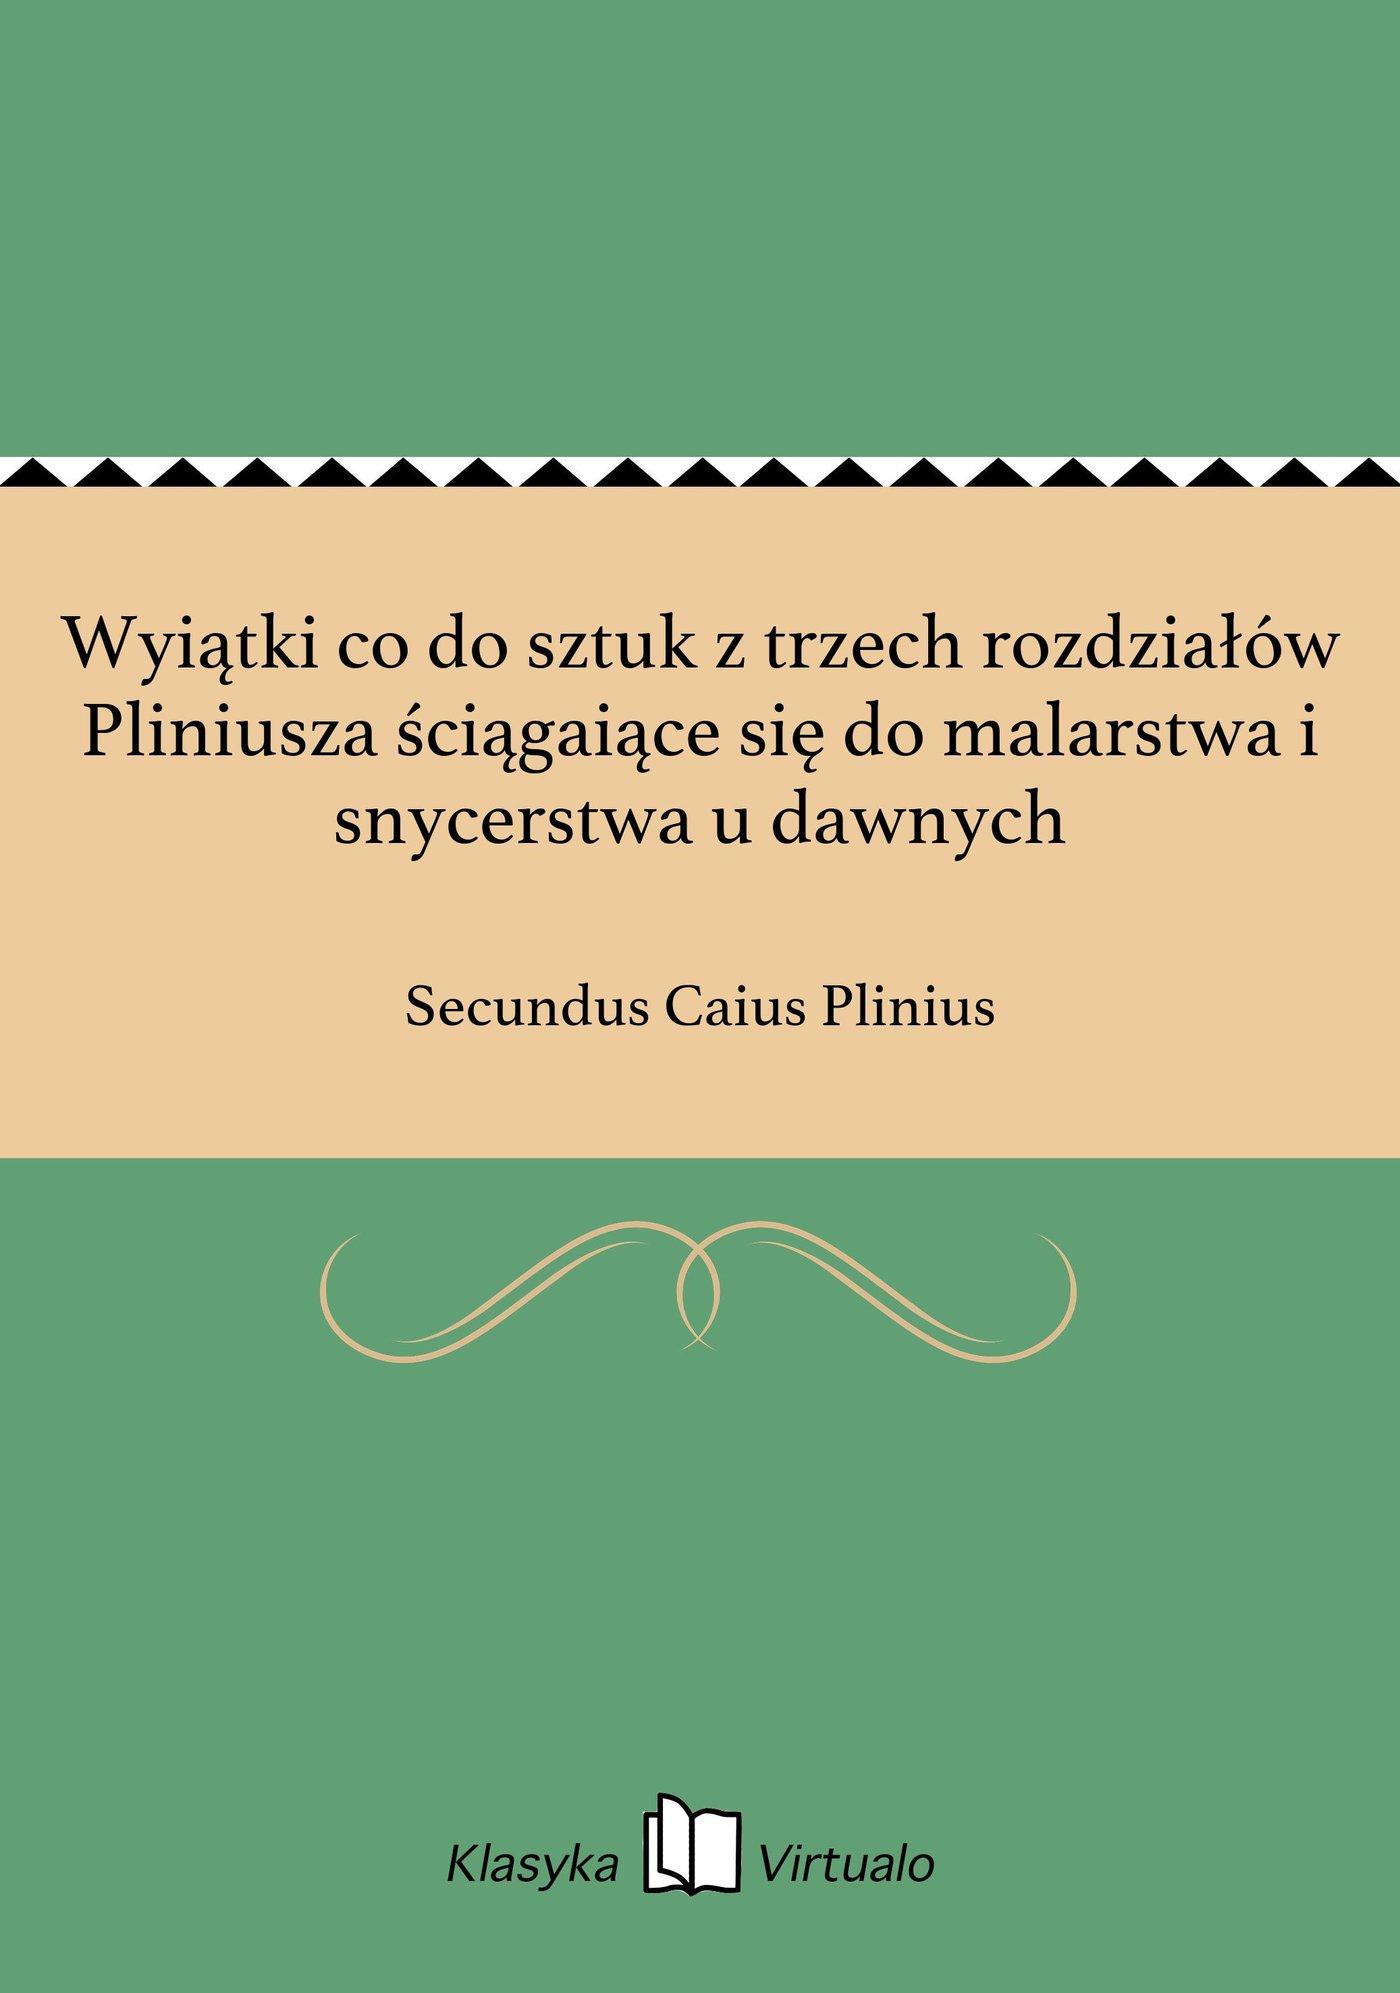 Wyiątki co do sztuk z trzech rozdziałów Pliniusza ściągaiące się do malarstwa i snycerstwa u dawnych - Ebook (Książka EPUB) do pobrania w formacie EPUB